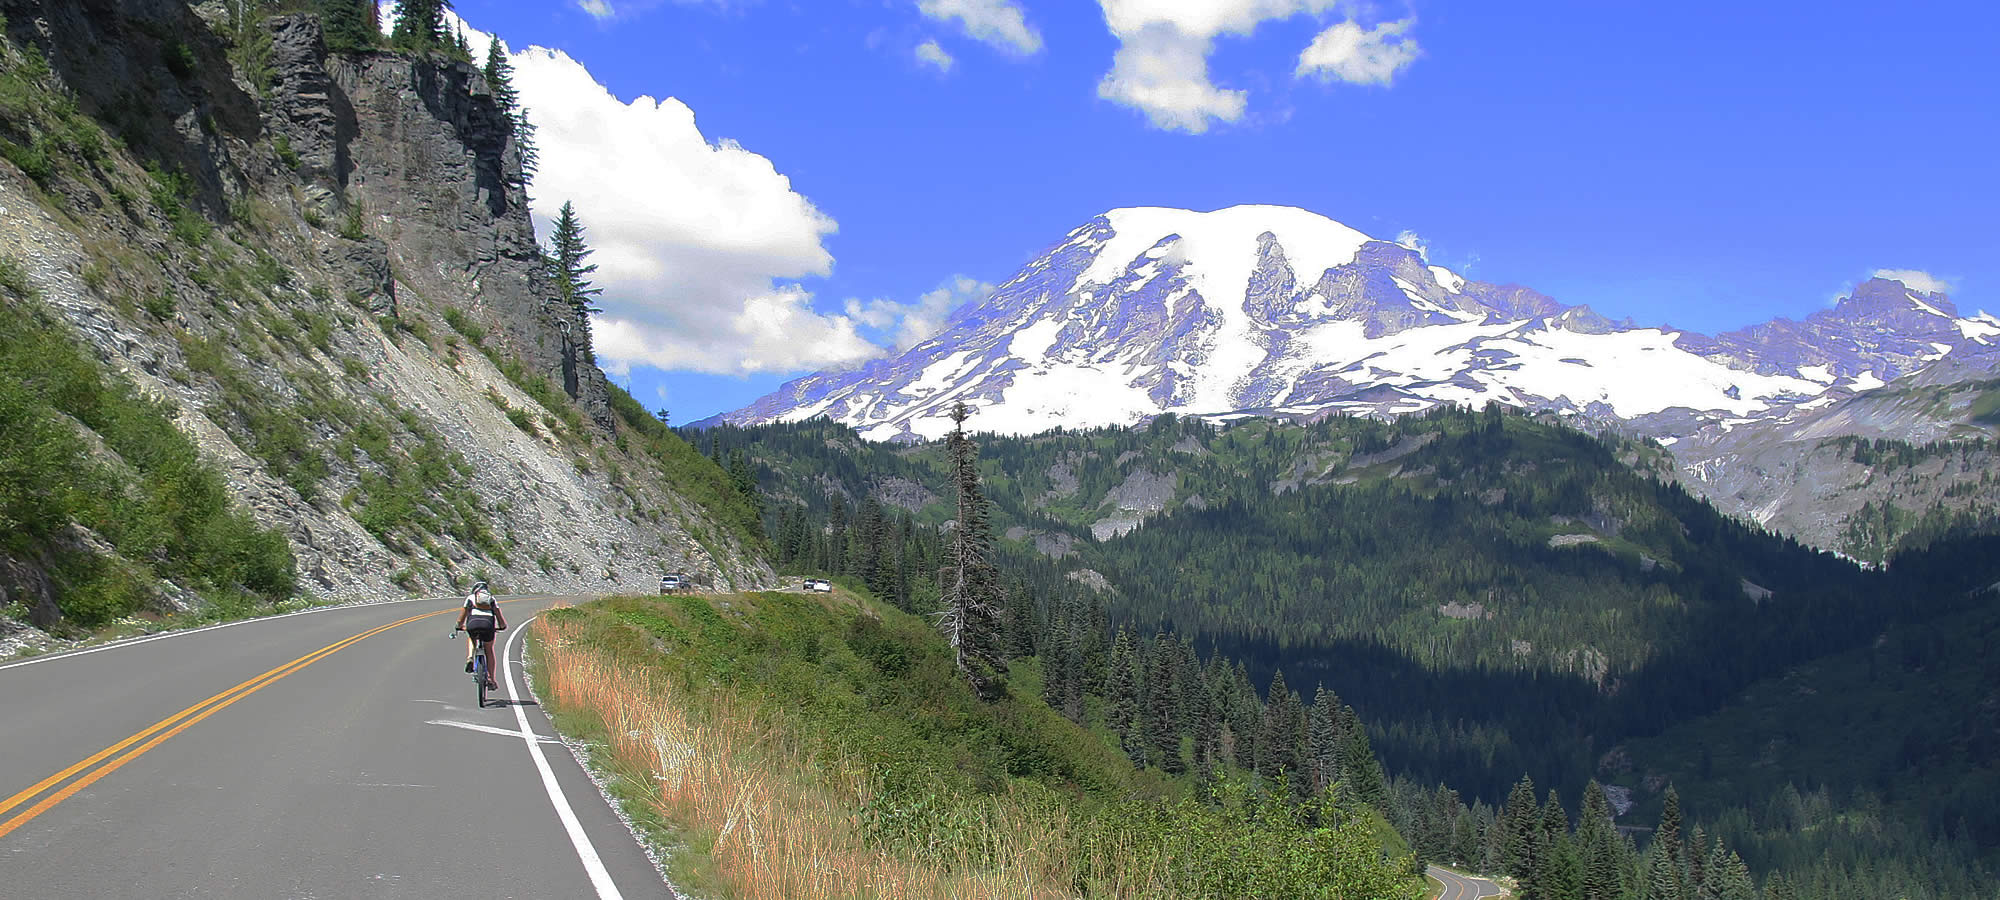 All the Volcanos – The Cascade Mountains